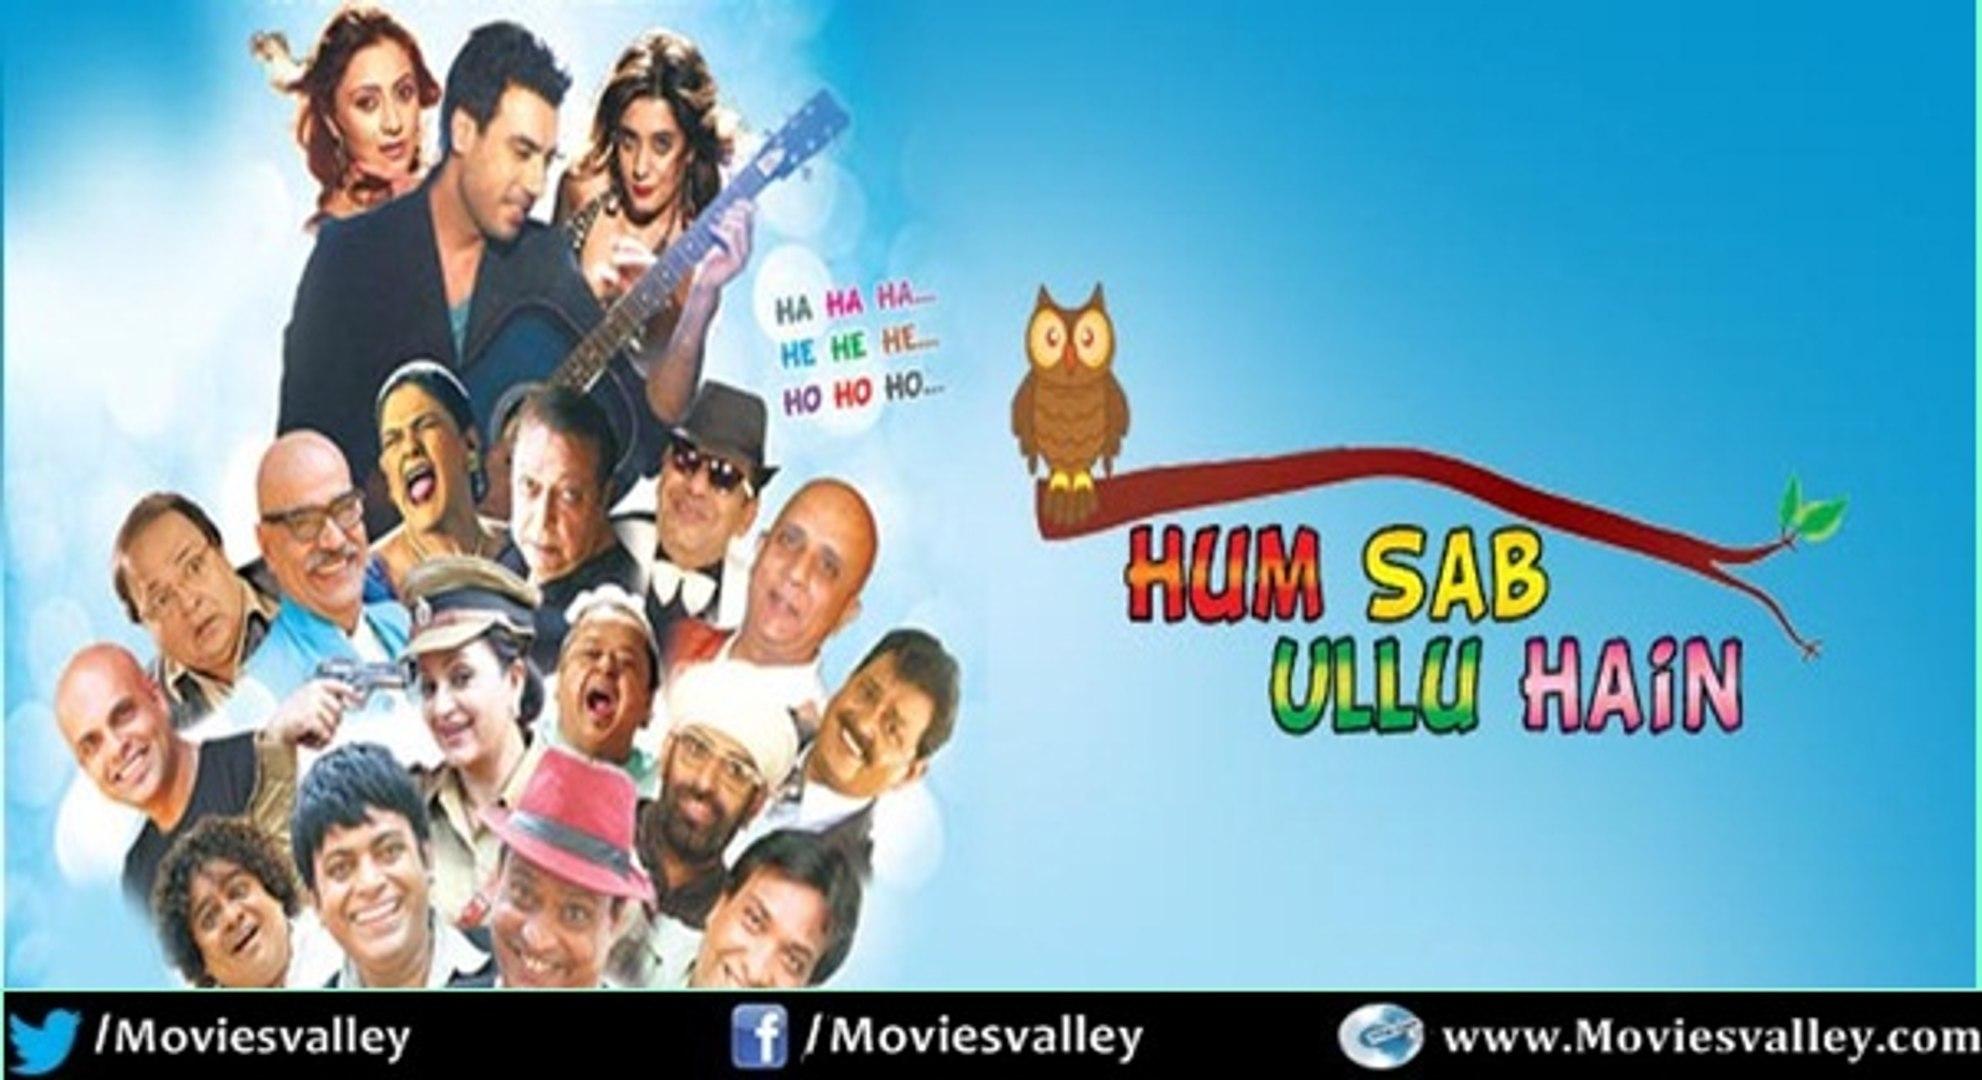 Hum Sab Ullu Hain Official Trailer